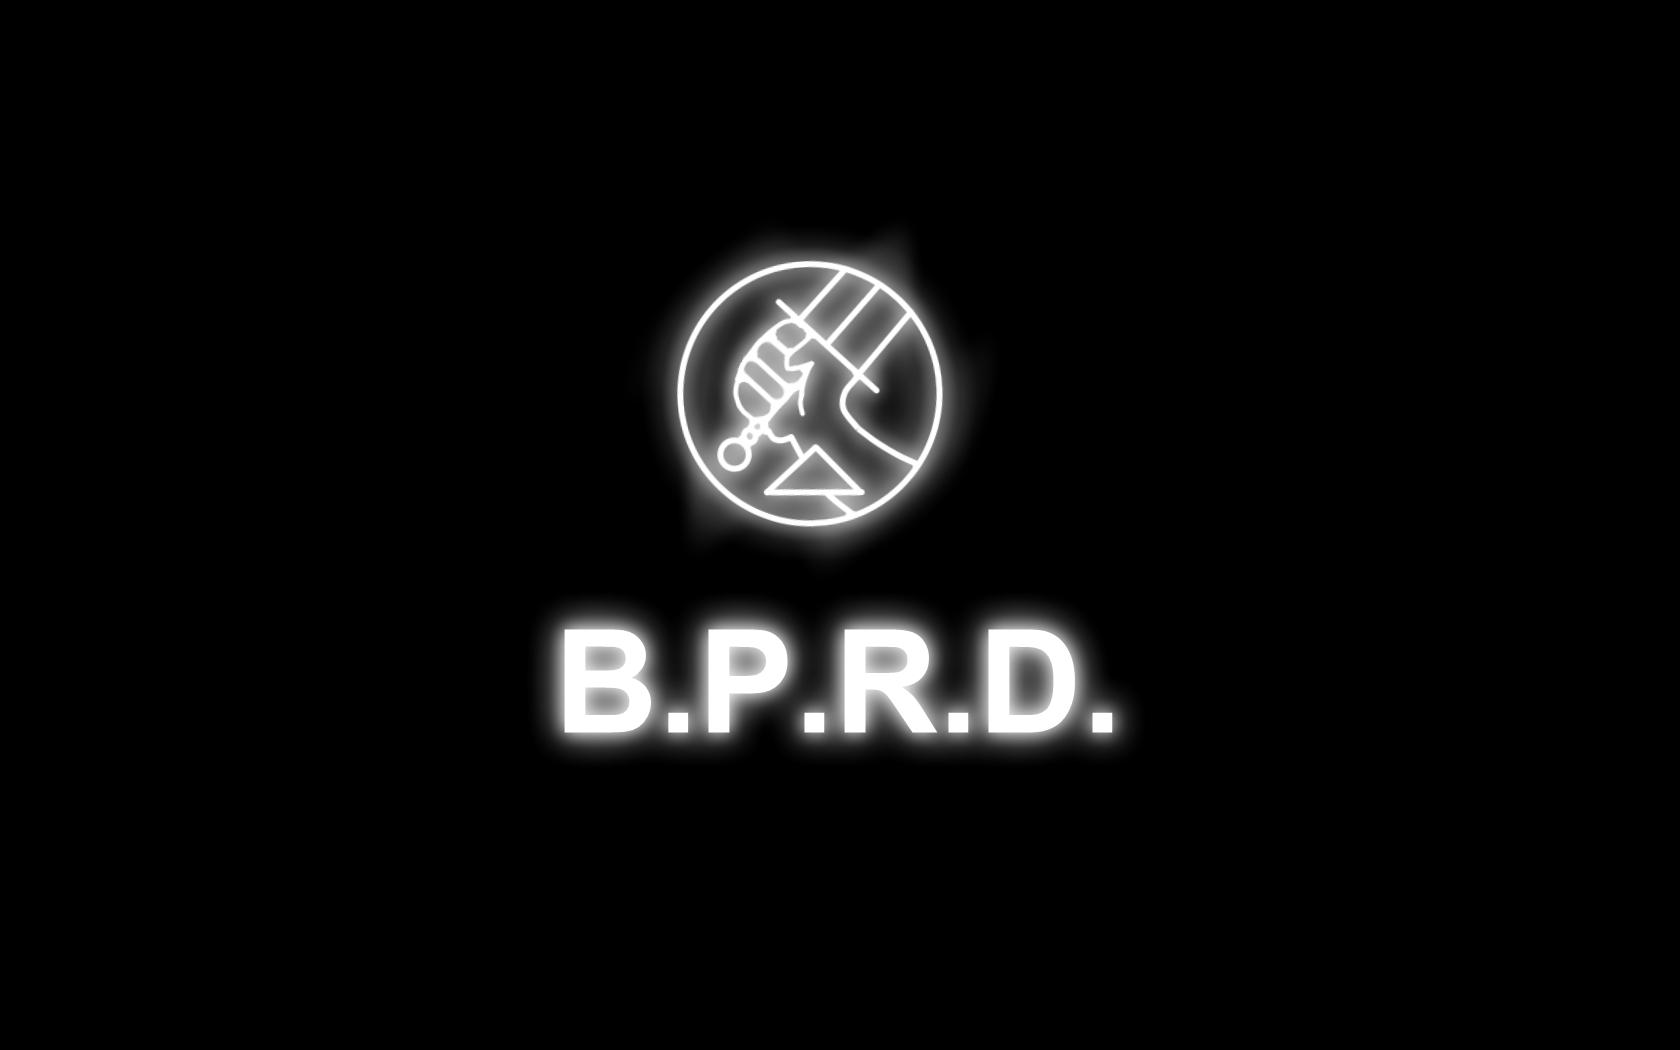 Bprd header